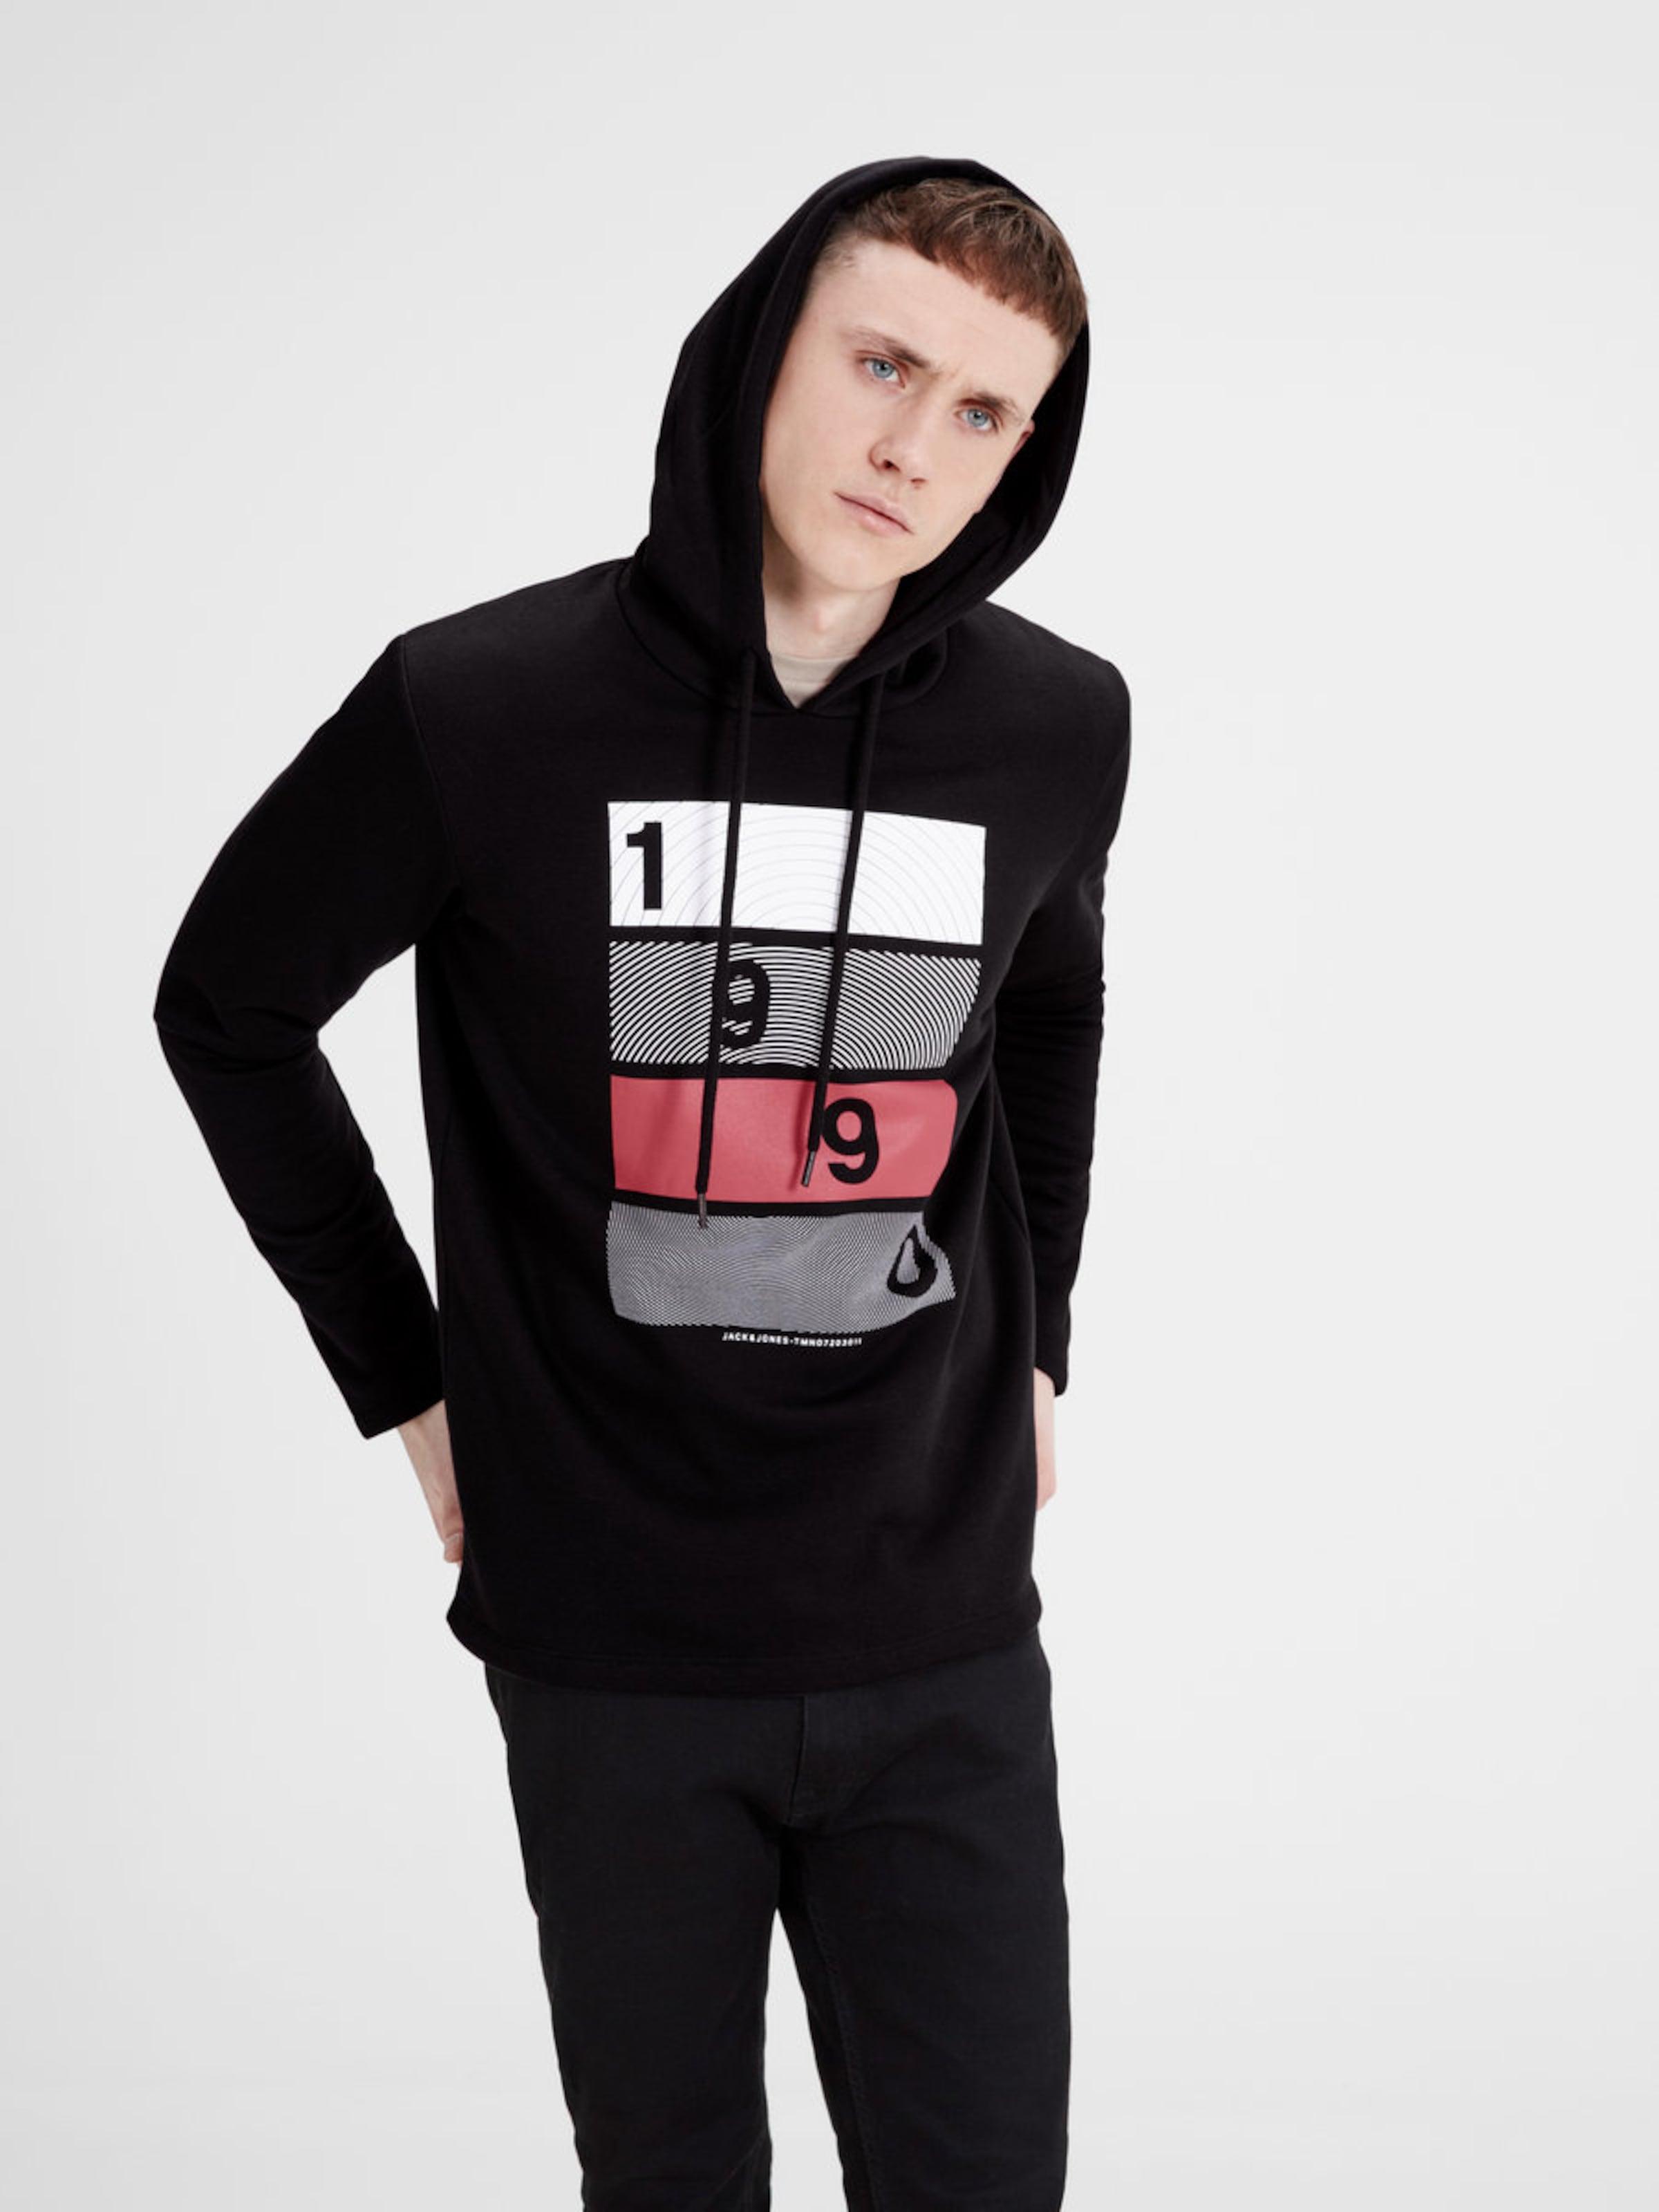 Limit Rabatt JACK & JONES Bedrucktes Sweatshirt Billig Beste Preise Rabatt Neueste Vdk1gE2